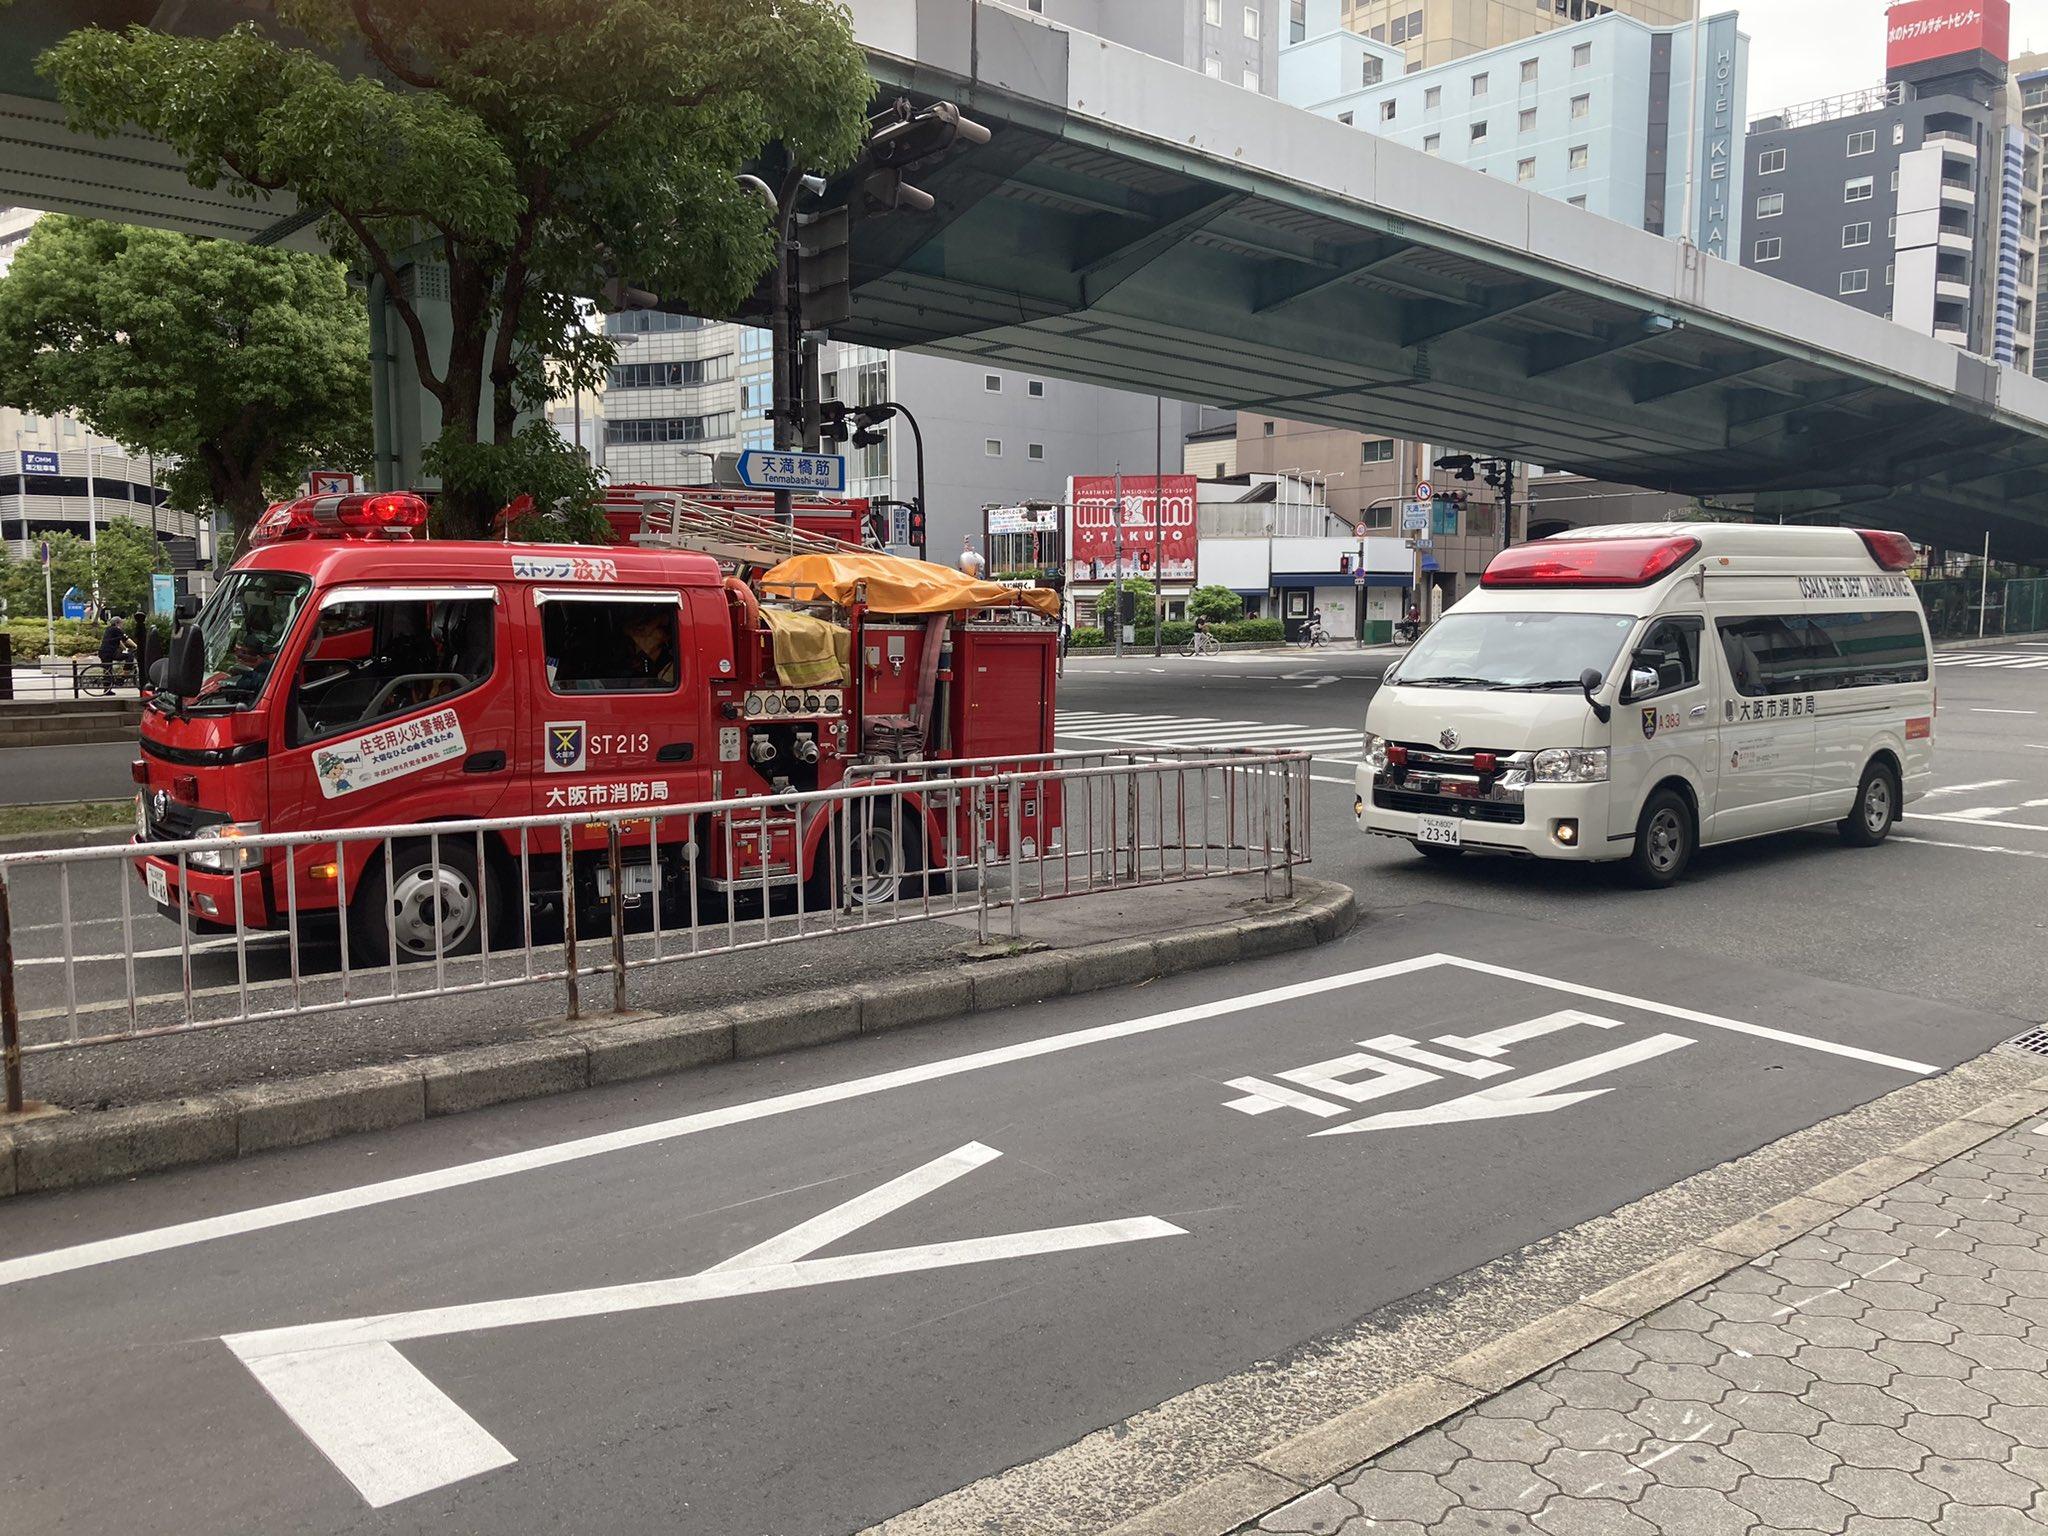 天満橋駅に消防車や消防車が駆けつけている画像